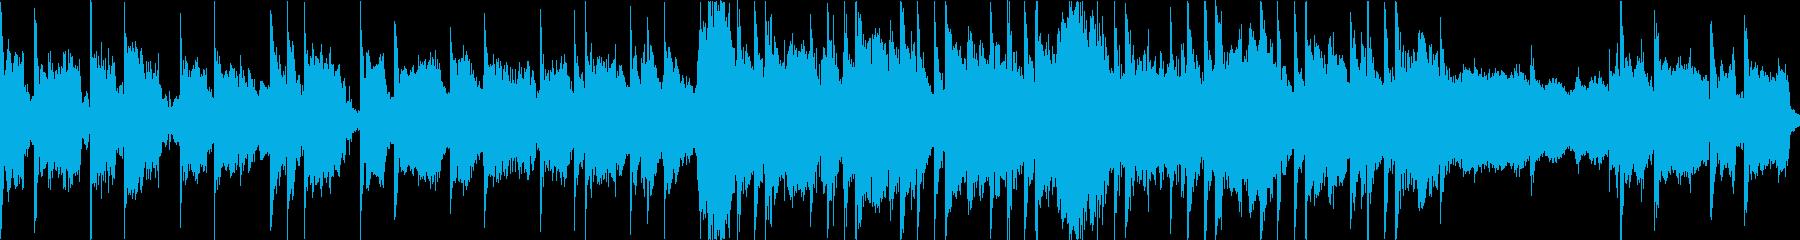 和風感動系バラードBGMループ可の再生済みの波形